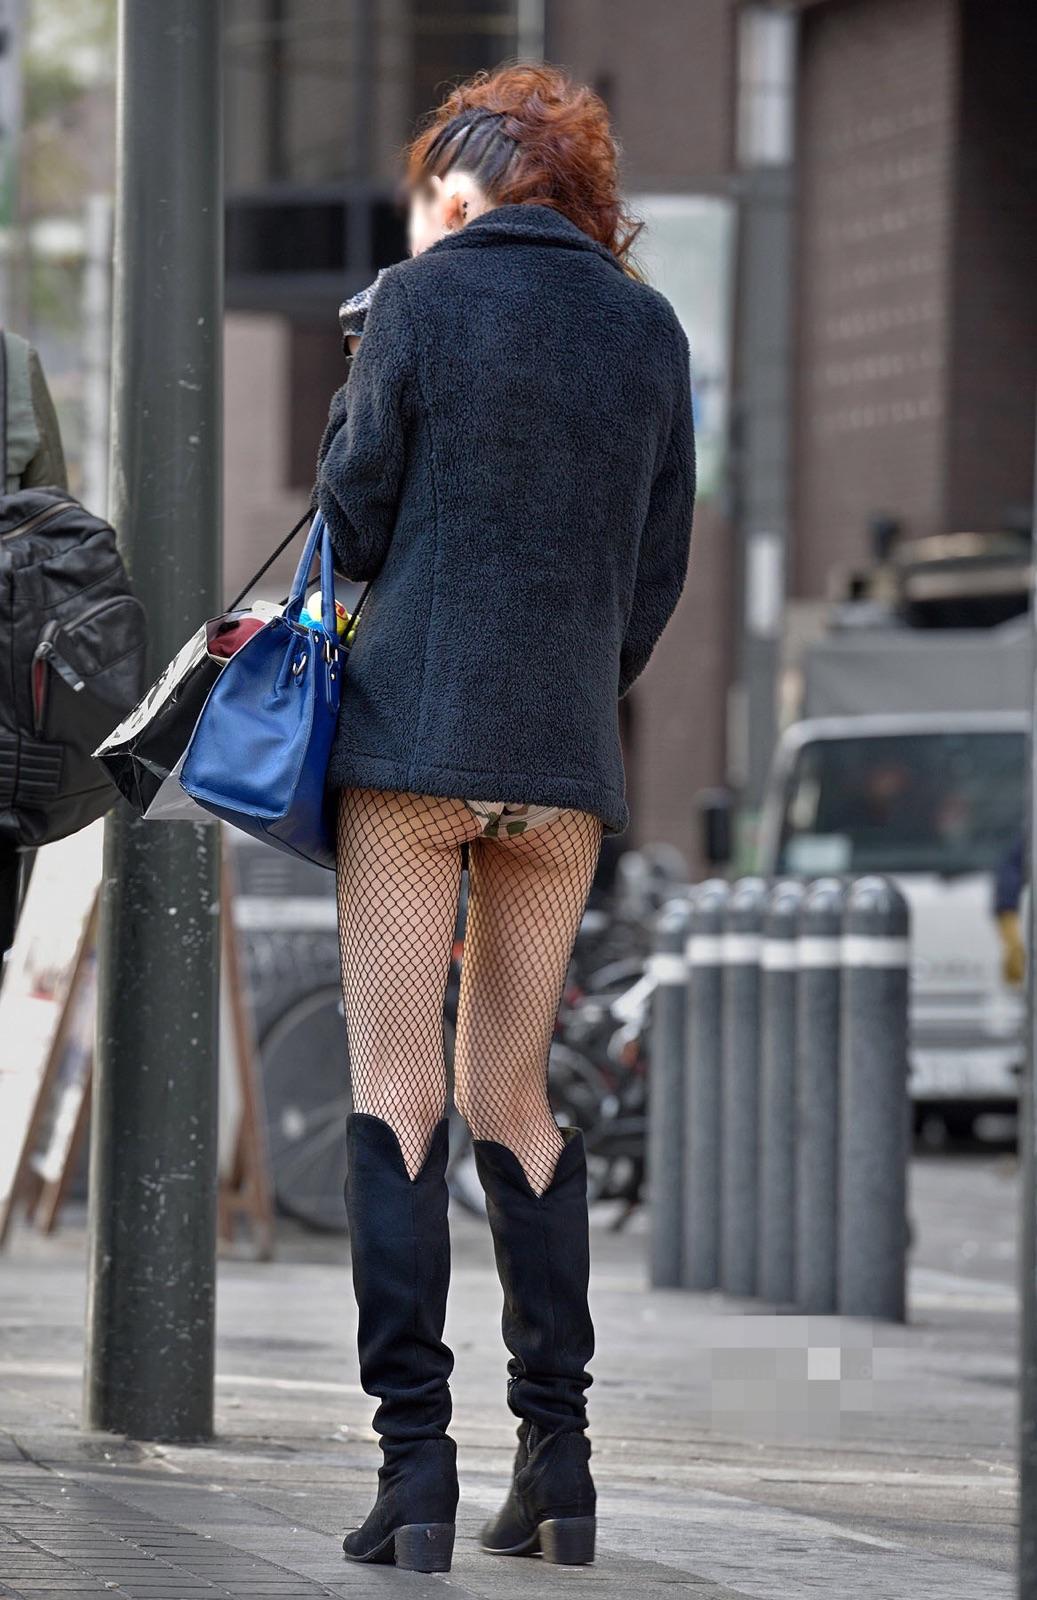 こんなに尻肉はみ出して恥ずかしくないのかって感じのシロウト街撮りえろ写真